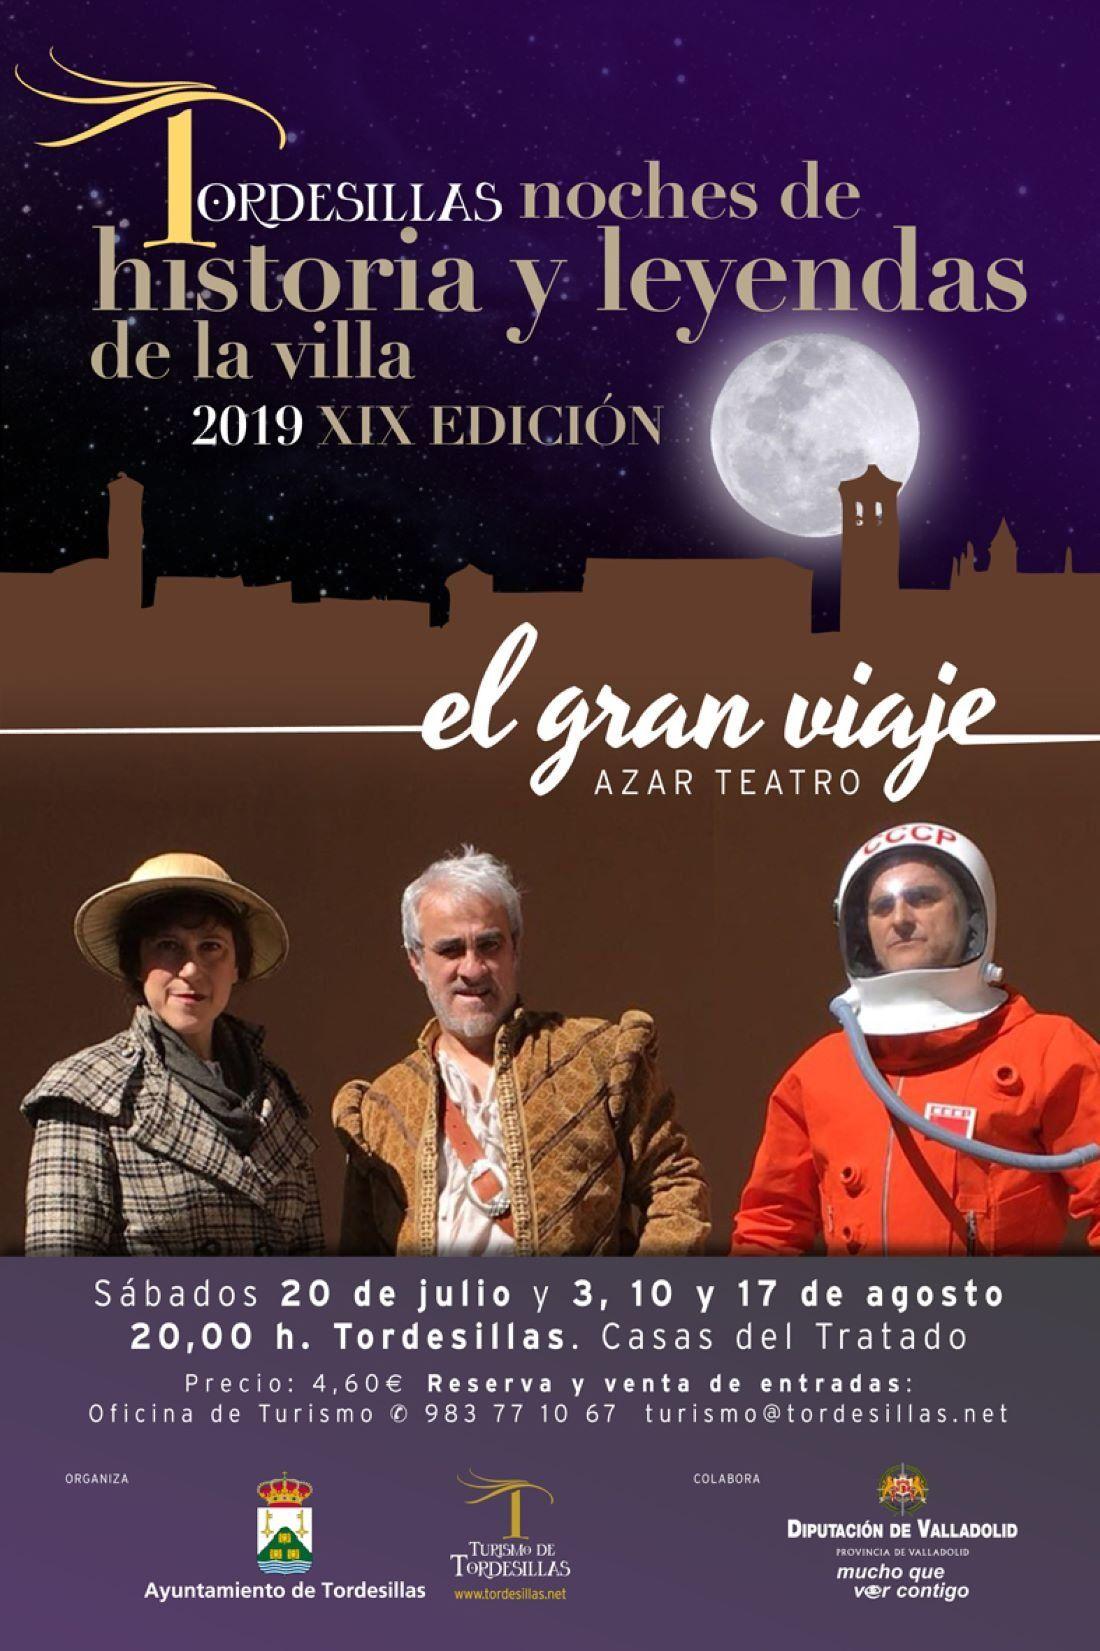 NOCHES DE HISTORIA Y LEYENDAS DE LA VILLA \